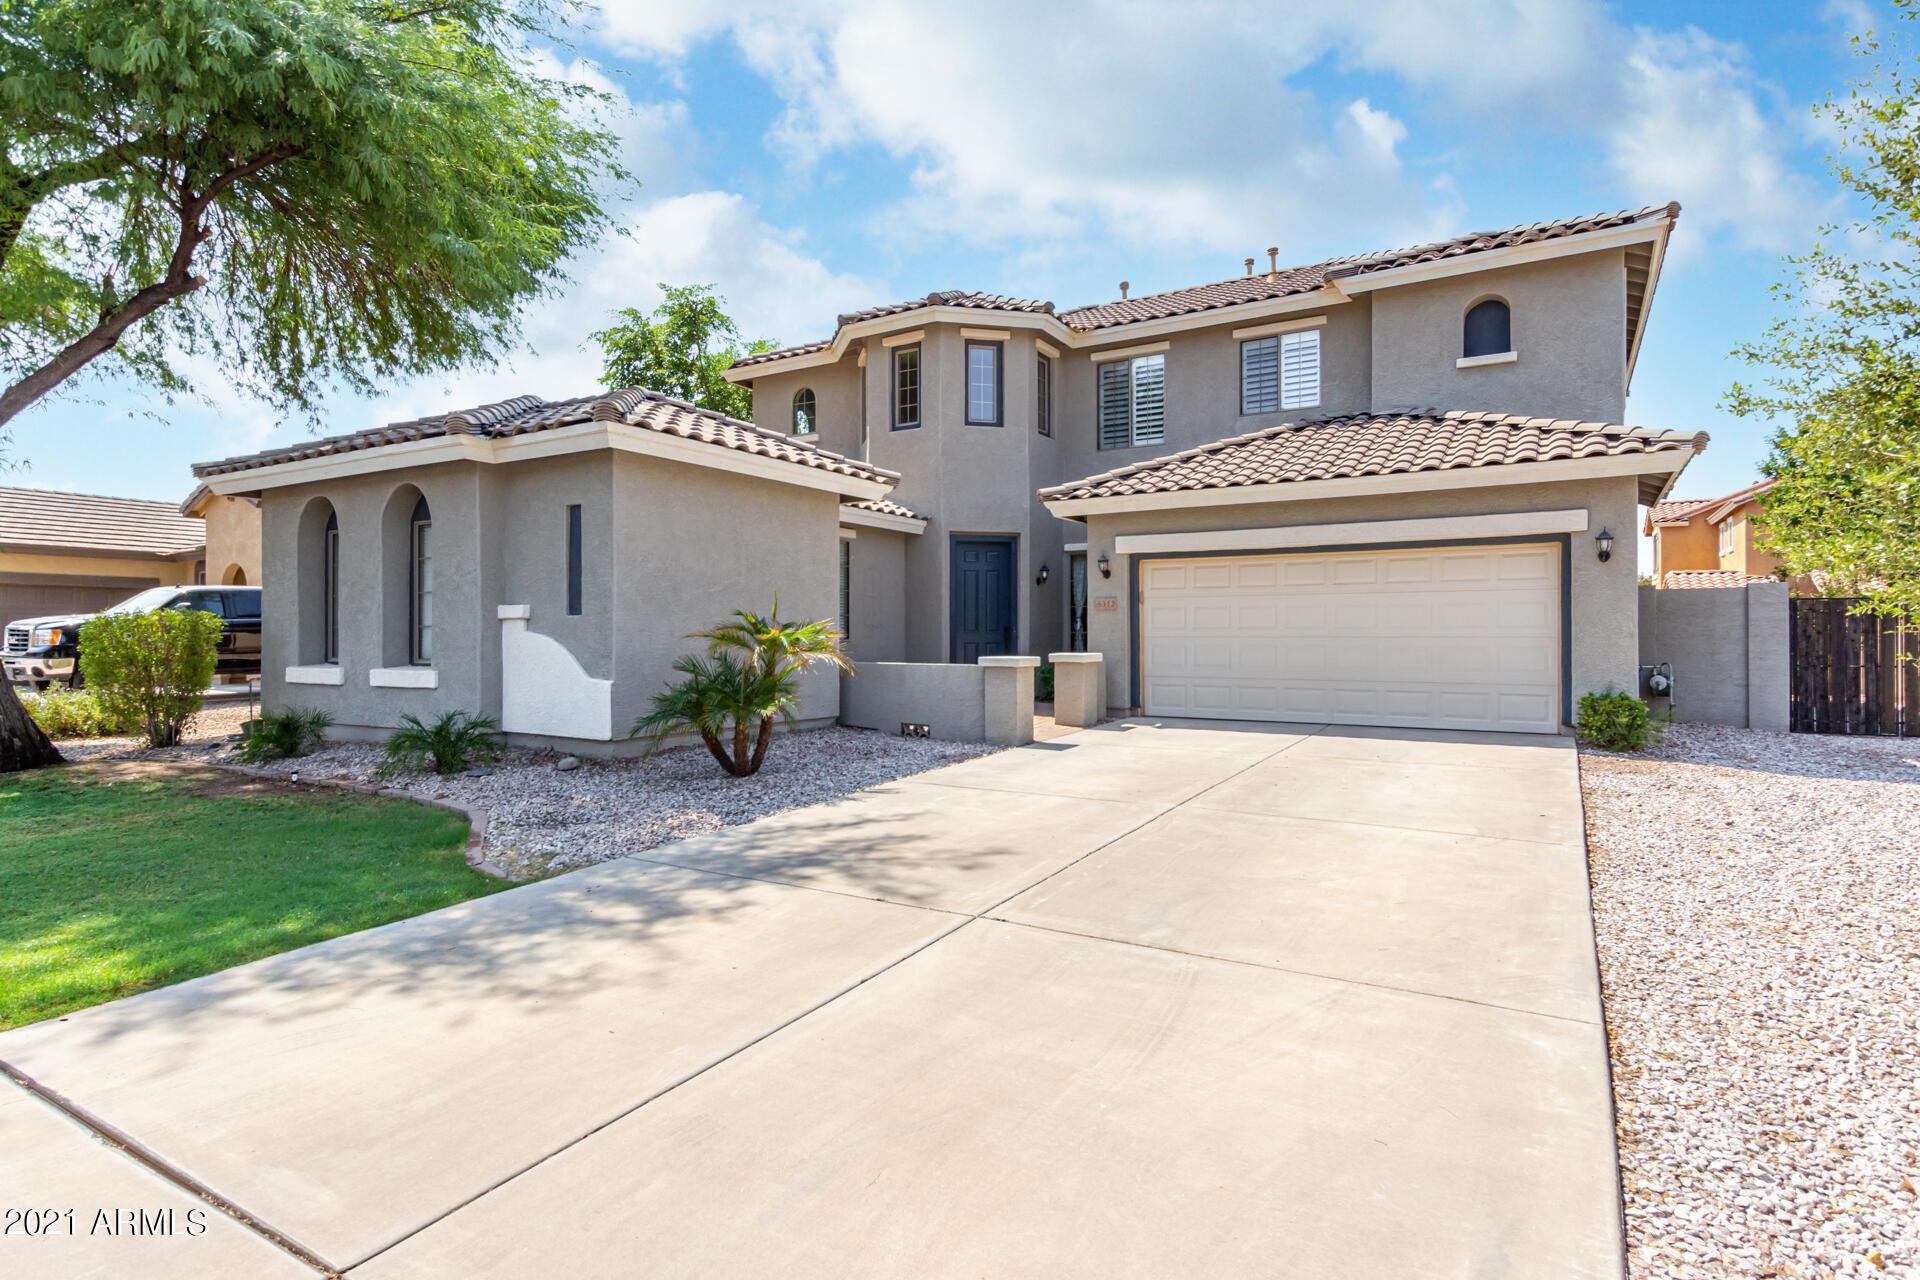 MLS 6286661 6312 S SKY Lane, Gilbert, AZ 85298 Golf Homes